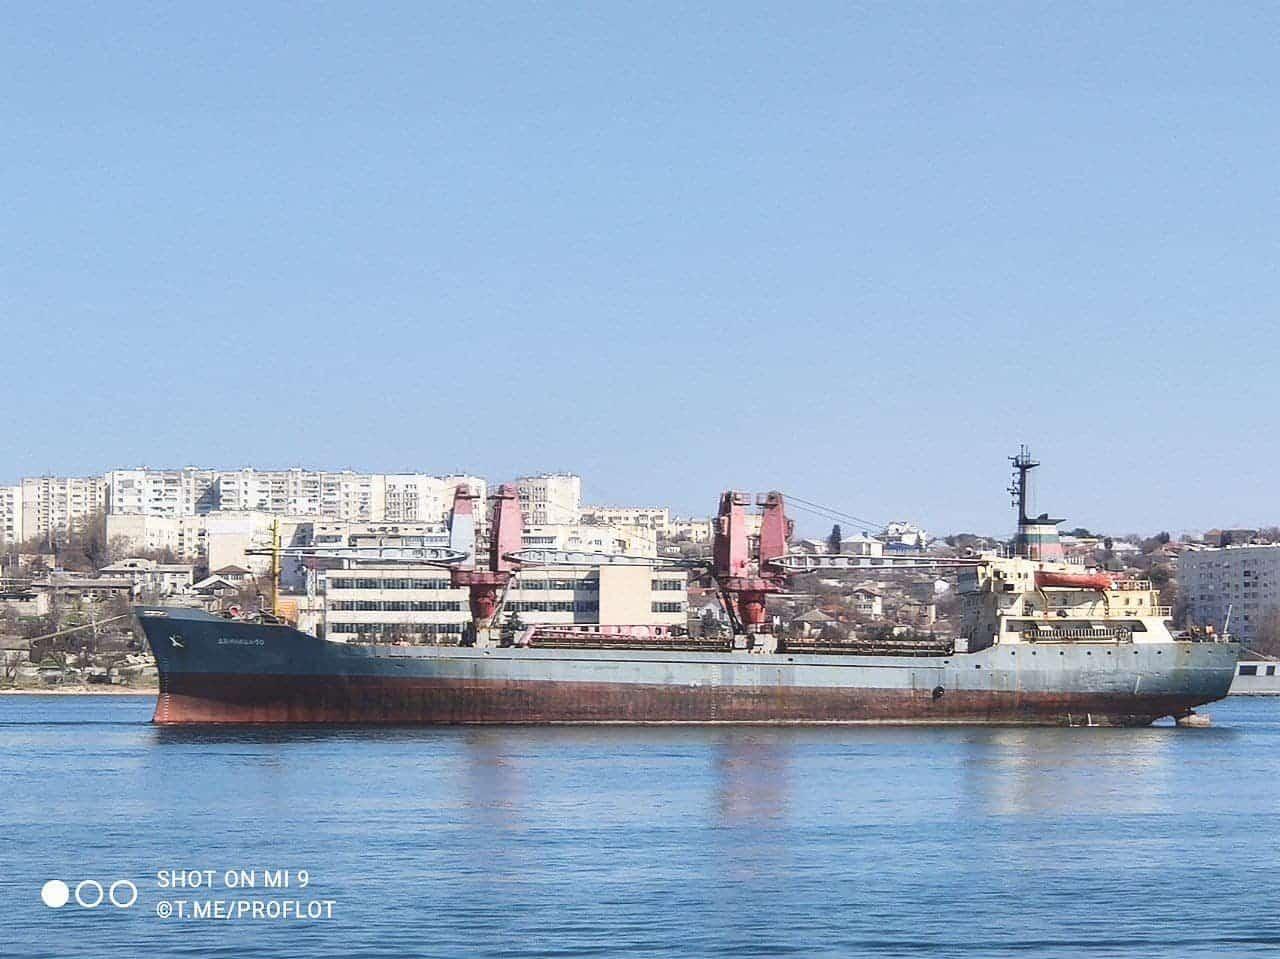 Процес буксирування судна «Двинница-50» на утилізацію